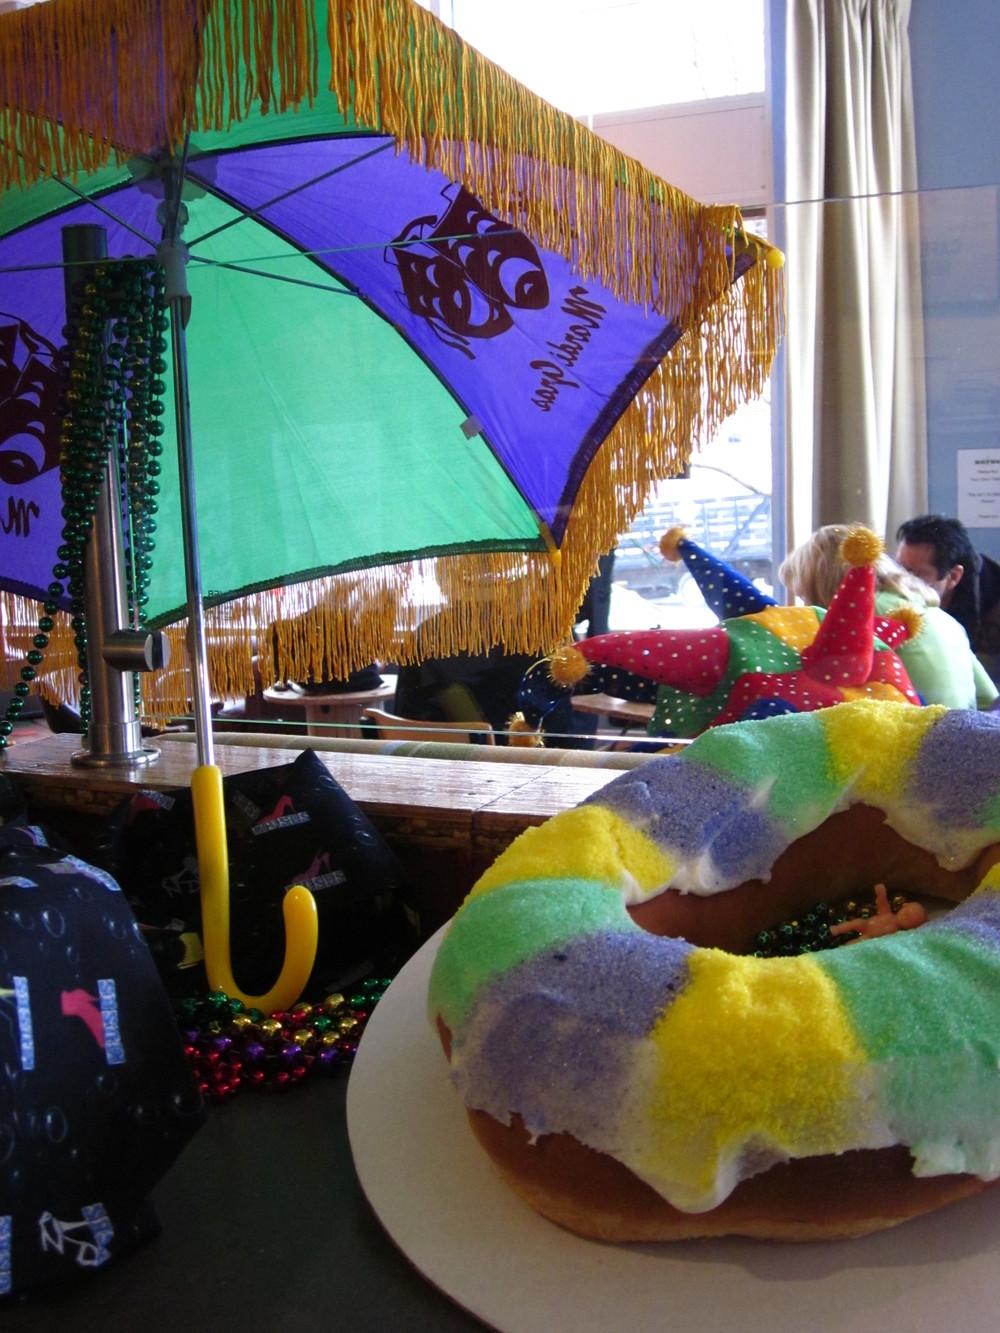 Mardi+Gras+2011+011.jpg